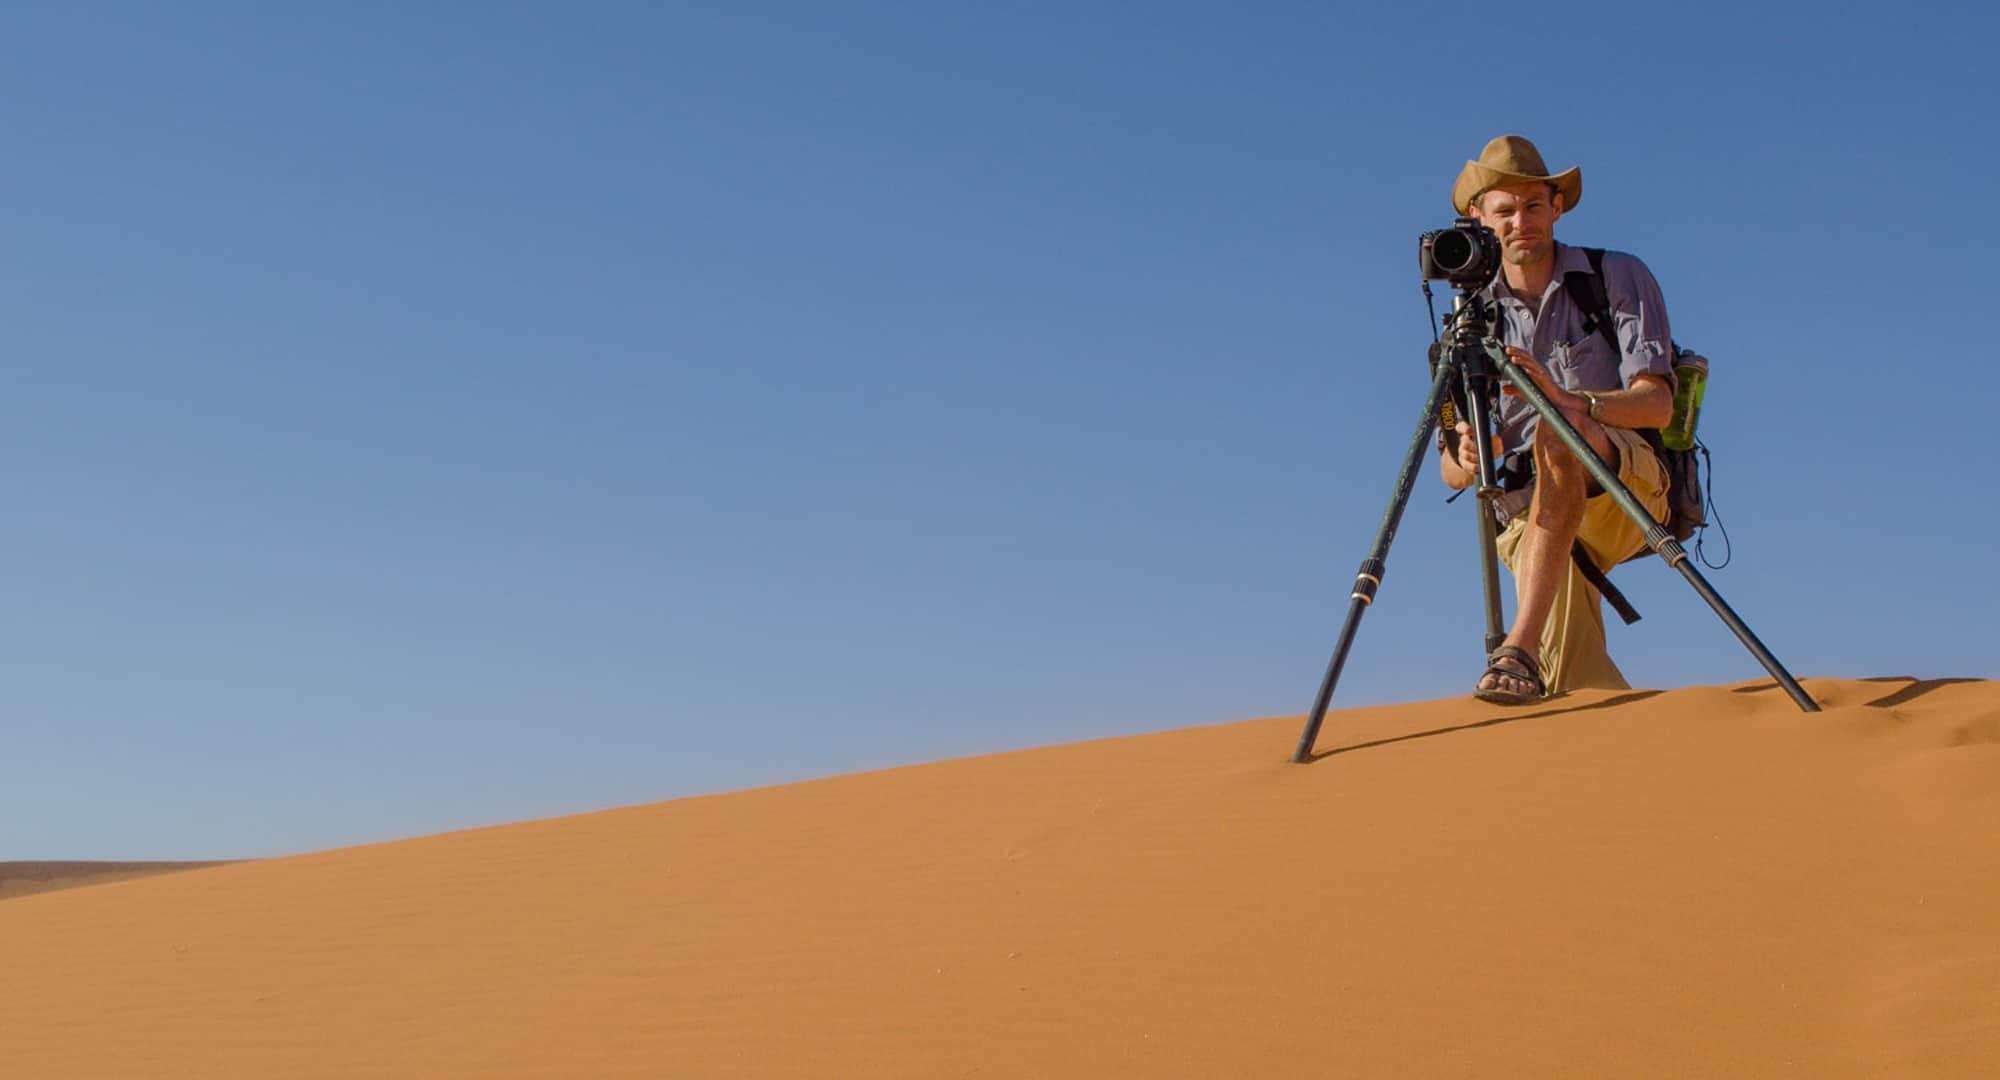 Namibia Landscape Photography2 - Namibia Landscape Photography Workshop